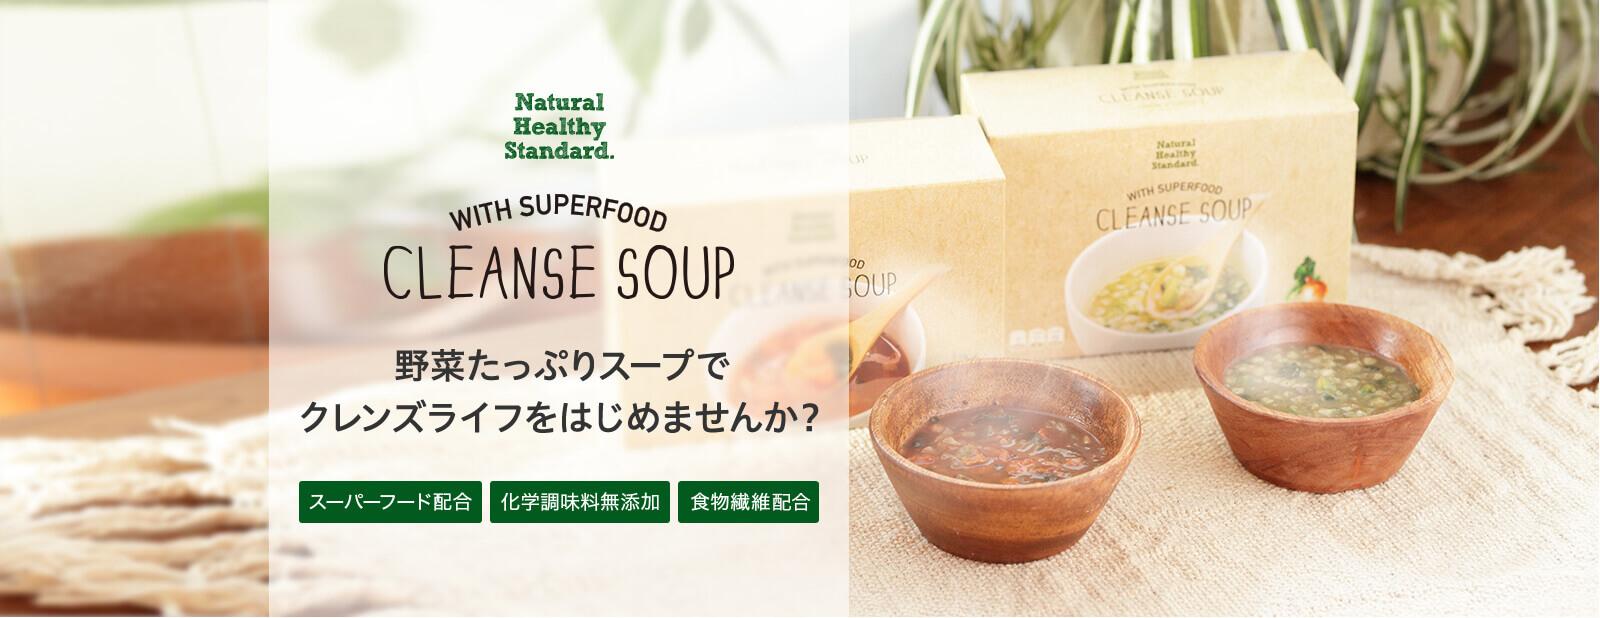 クレンズスープ,CLEANSE SOUP